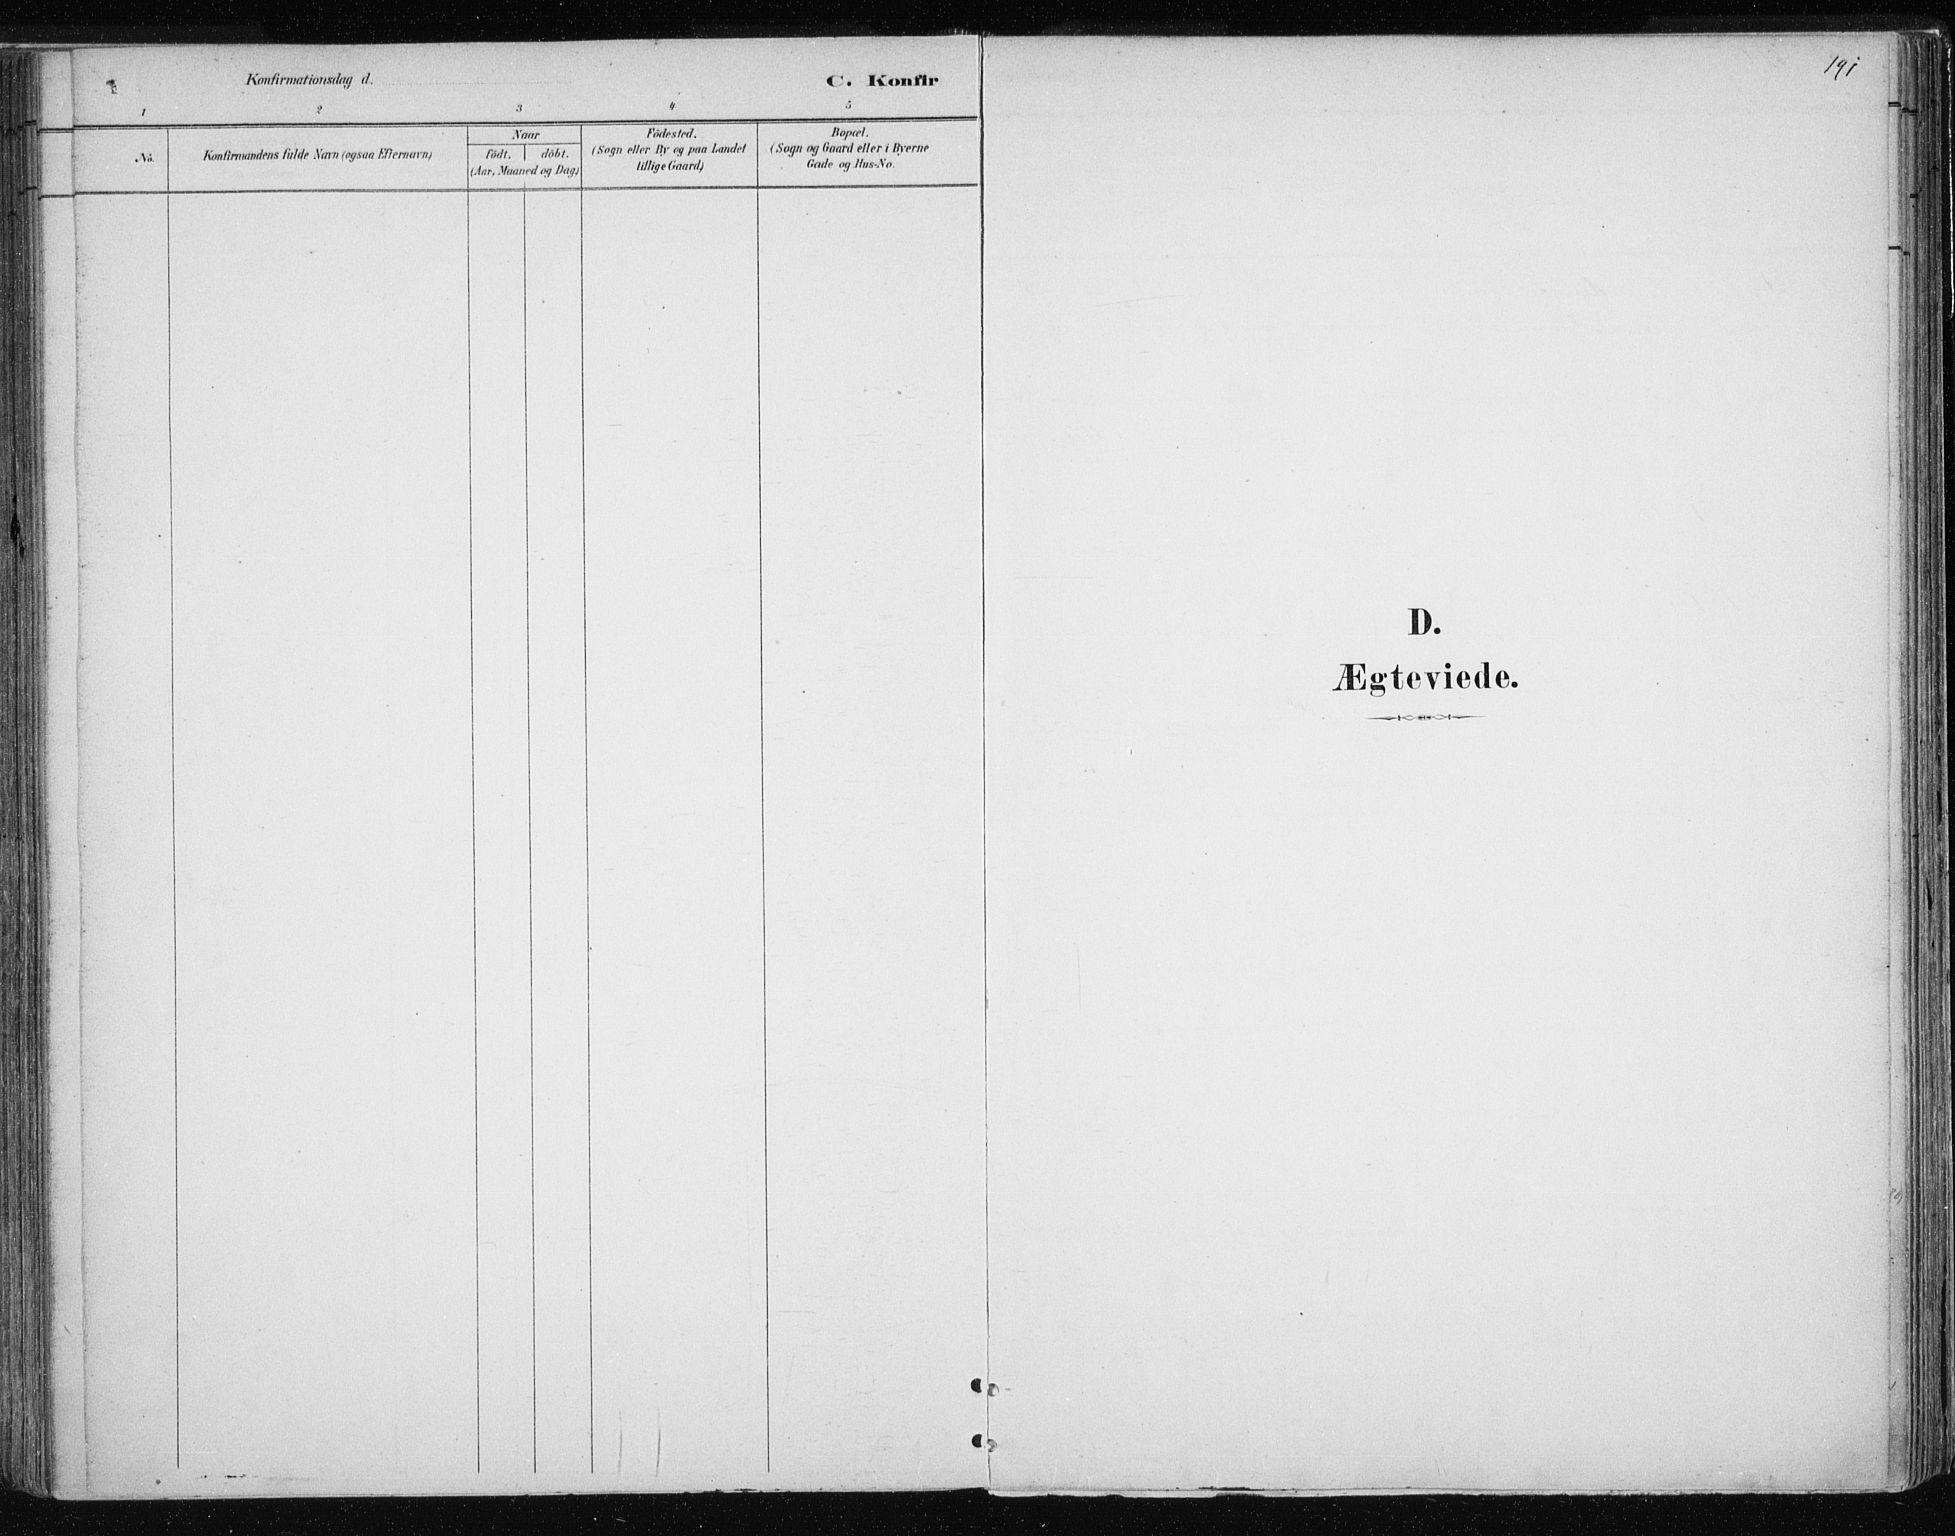 SATØ, Tromsøysund sokneprestkontor, G/Ga/L0004kirke: Ministerialbok nr. 4, 1880-1888, s. 191